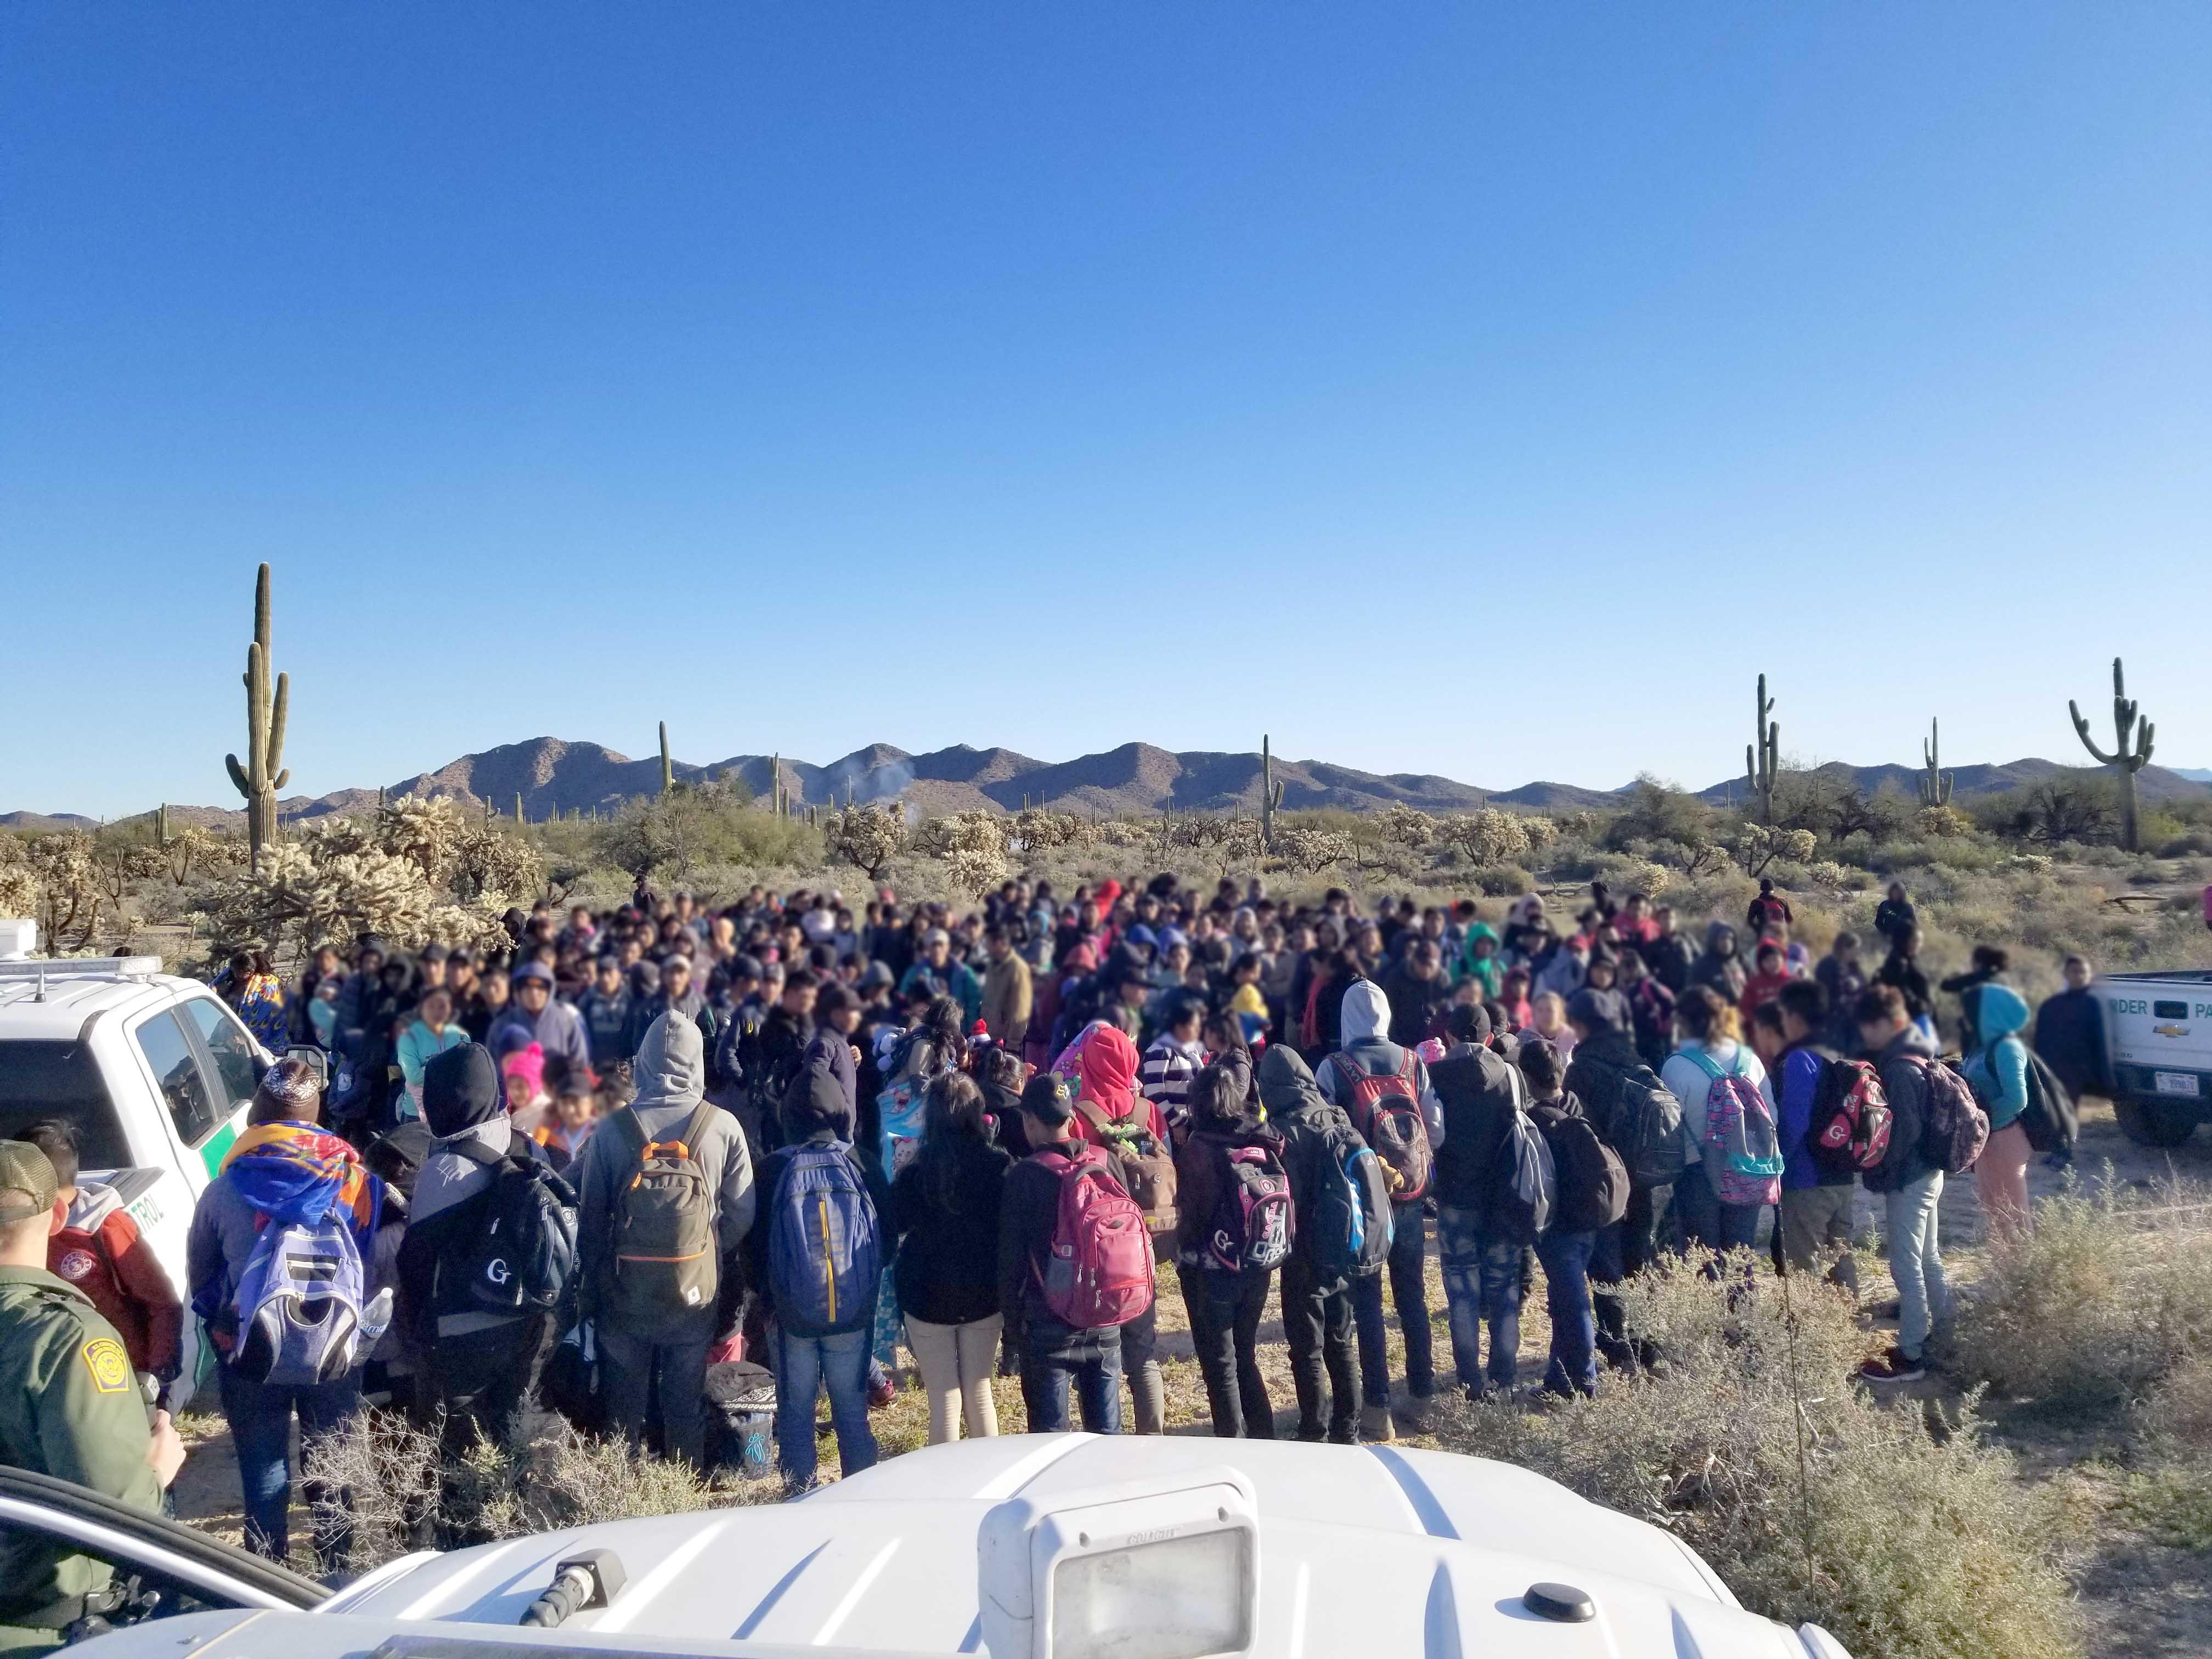 MIA51. TUCSON (AZ, EEUU), 08/02/2019.- Fotografía cedida por la Patrulla Fronteriza (CBP) donde aparece un grupo de 325 indocumentados centroamericanos, entre ellos 150 menores de edad, que fueron detenidos por la Patrulla Fronteriza del sector Tucson tras ingresar de manera ilegal en el país, informó hoy la agencia federal. El grupo fue detenido el jueves al oeste de la población de Lukeville, en la frontera entre Arizona y México, luego de ser descubierto por un helicóptero de la Oficina de Aduanas y Protección Fronteriza (CBP) que se acercó hasta donde había divisado una fogata a través de una cámara de vigilancia. EFE/CBP/SOLO USO EDITORIAL/NO VENTAS